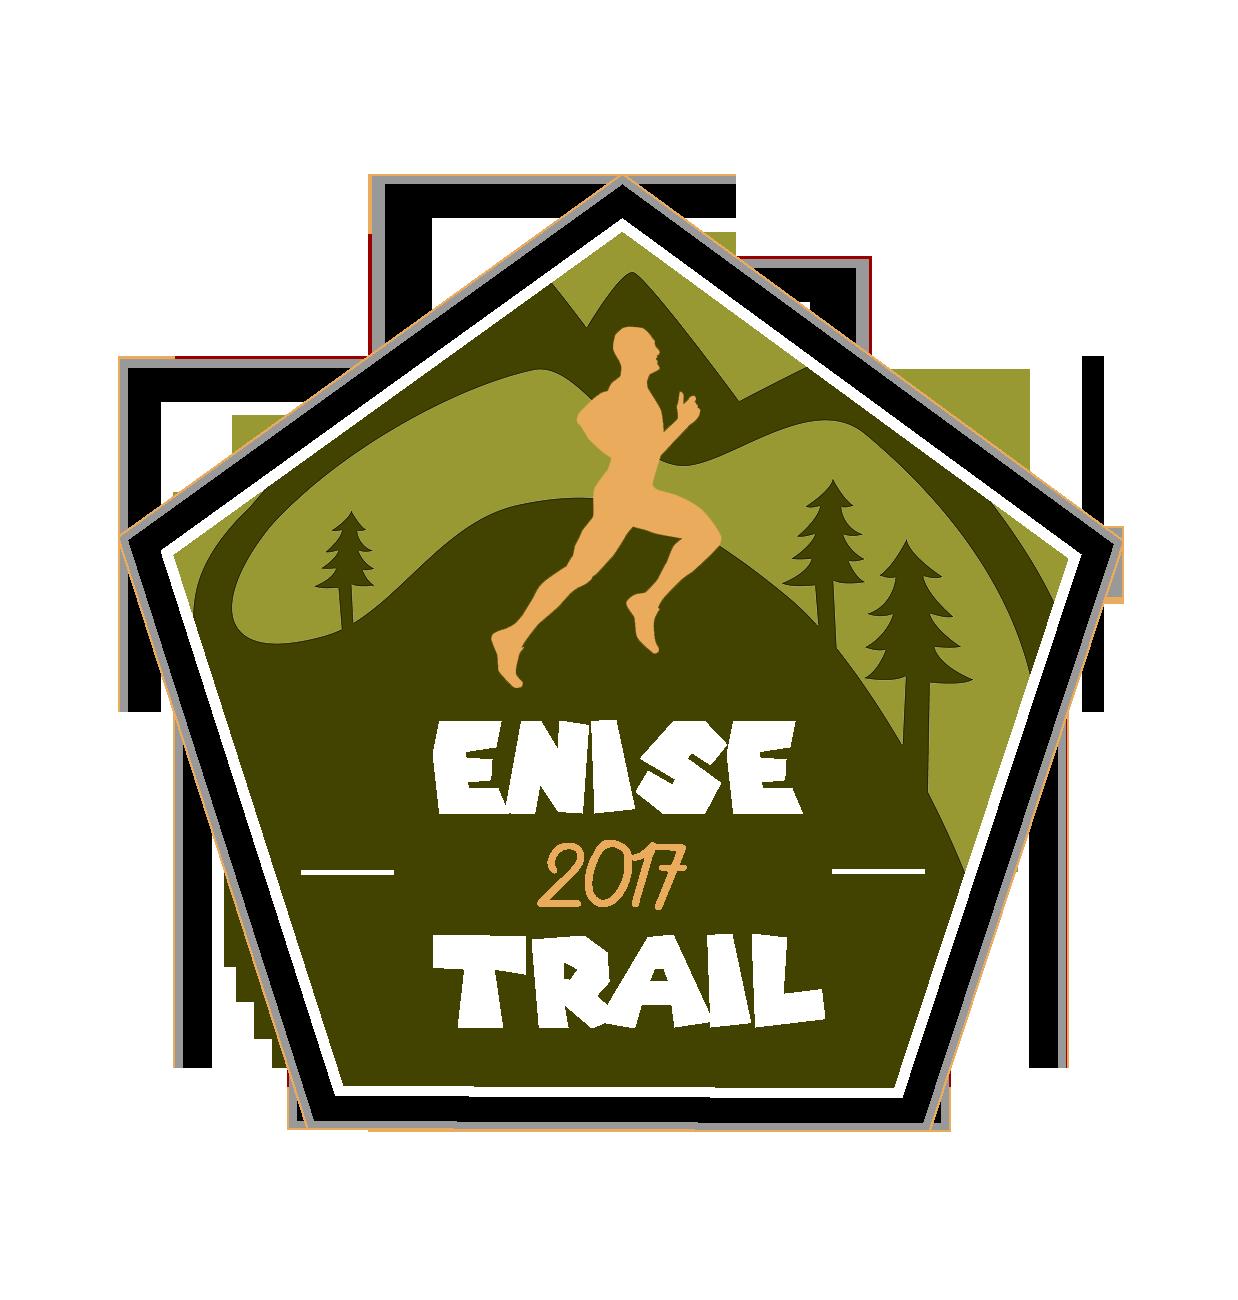 ENISE Trail - 3 parcours